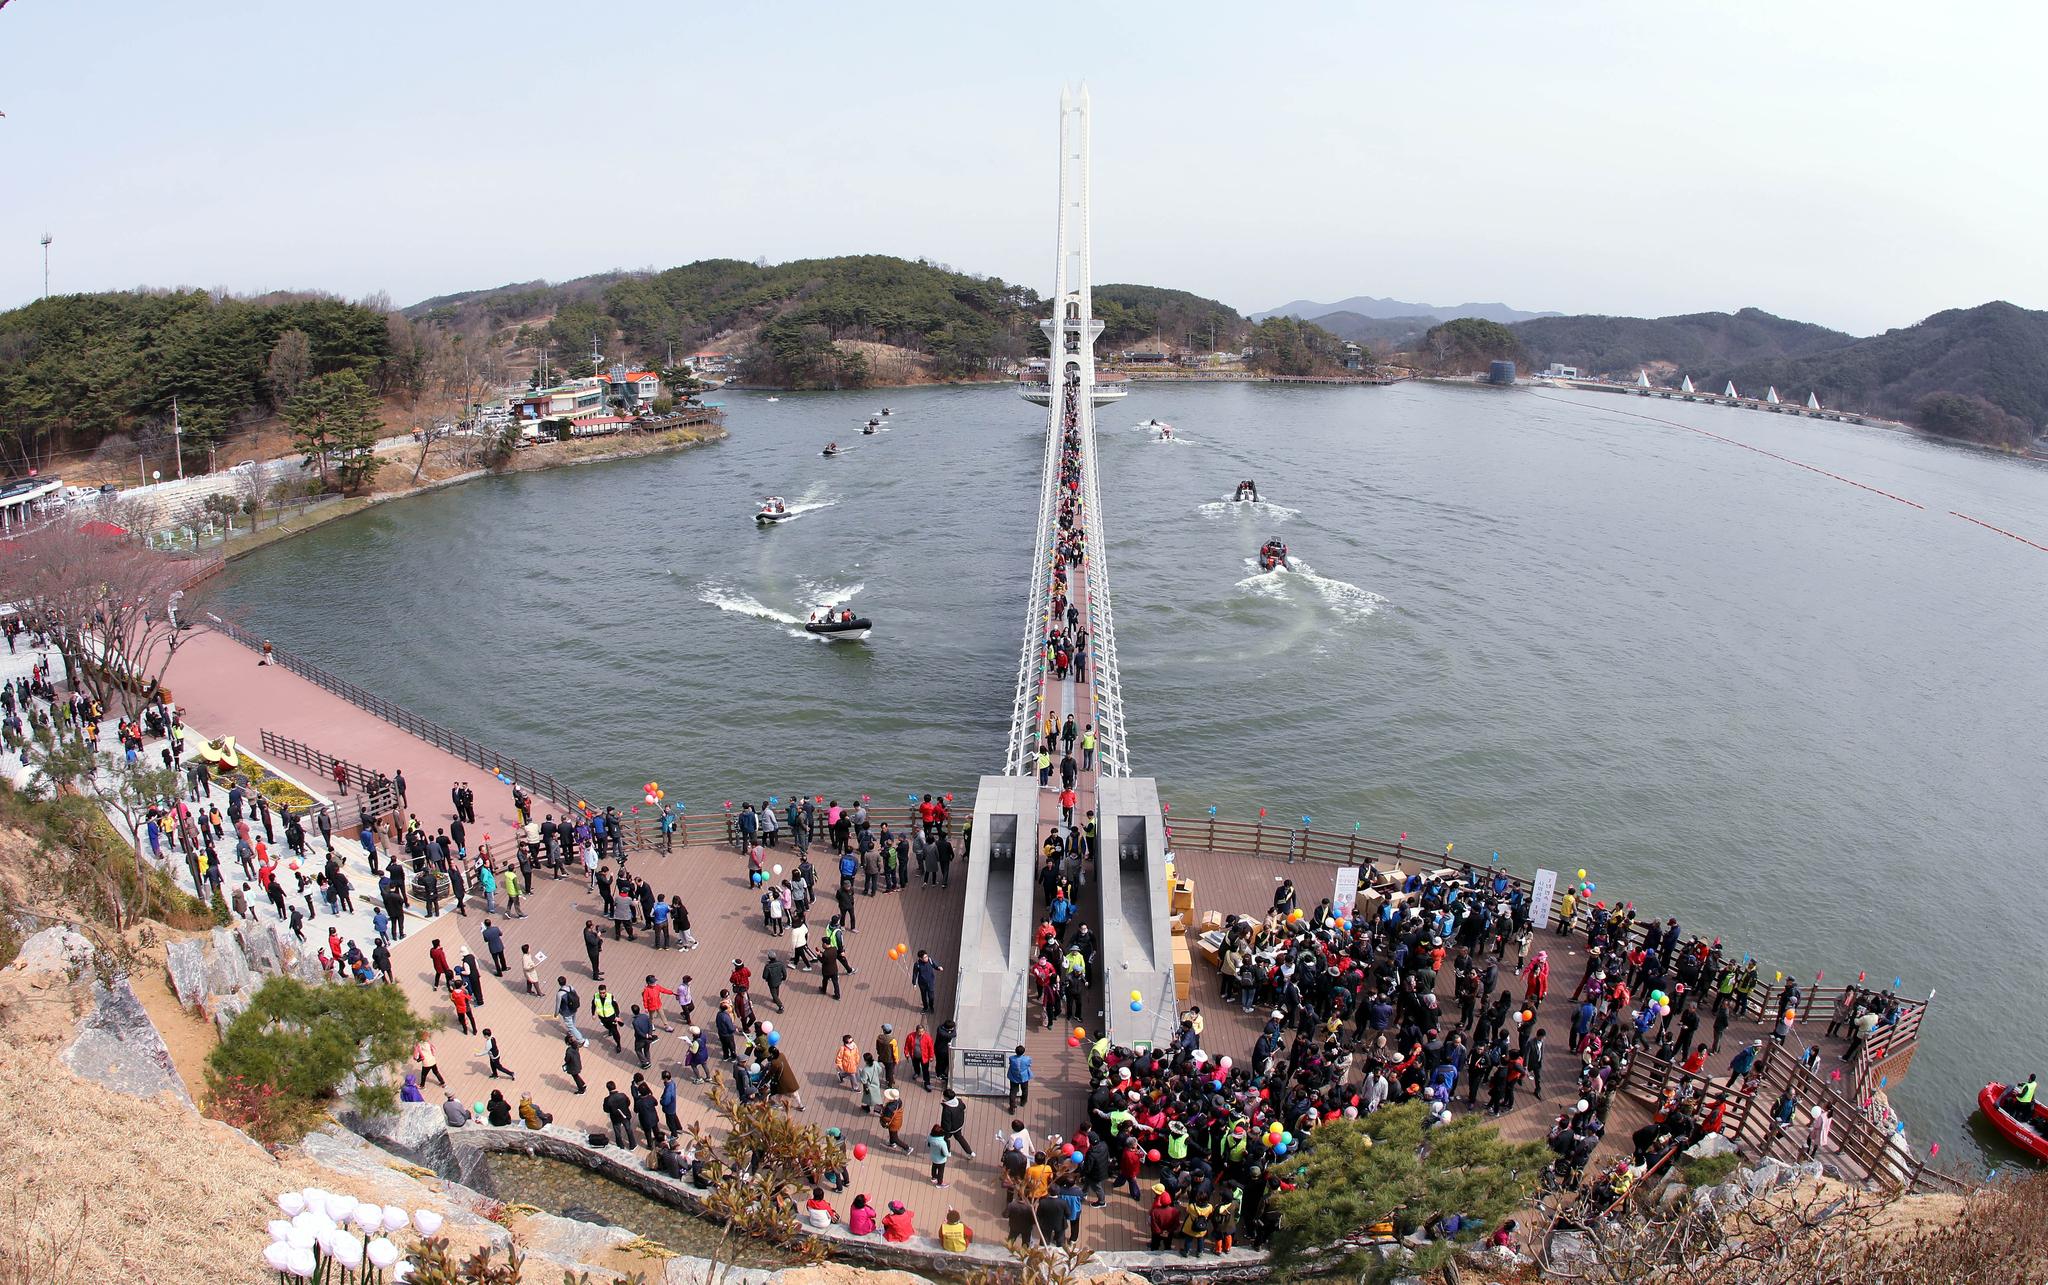 국내에서 가장 긴 출렁다리 '예당호 출렁다리가' 6일 예당관광지 예당호 위로 개통됐다. 개통식에 참여한 시민들이 출렁다리를 걷고 있다. 프리랜서 김성태